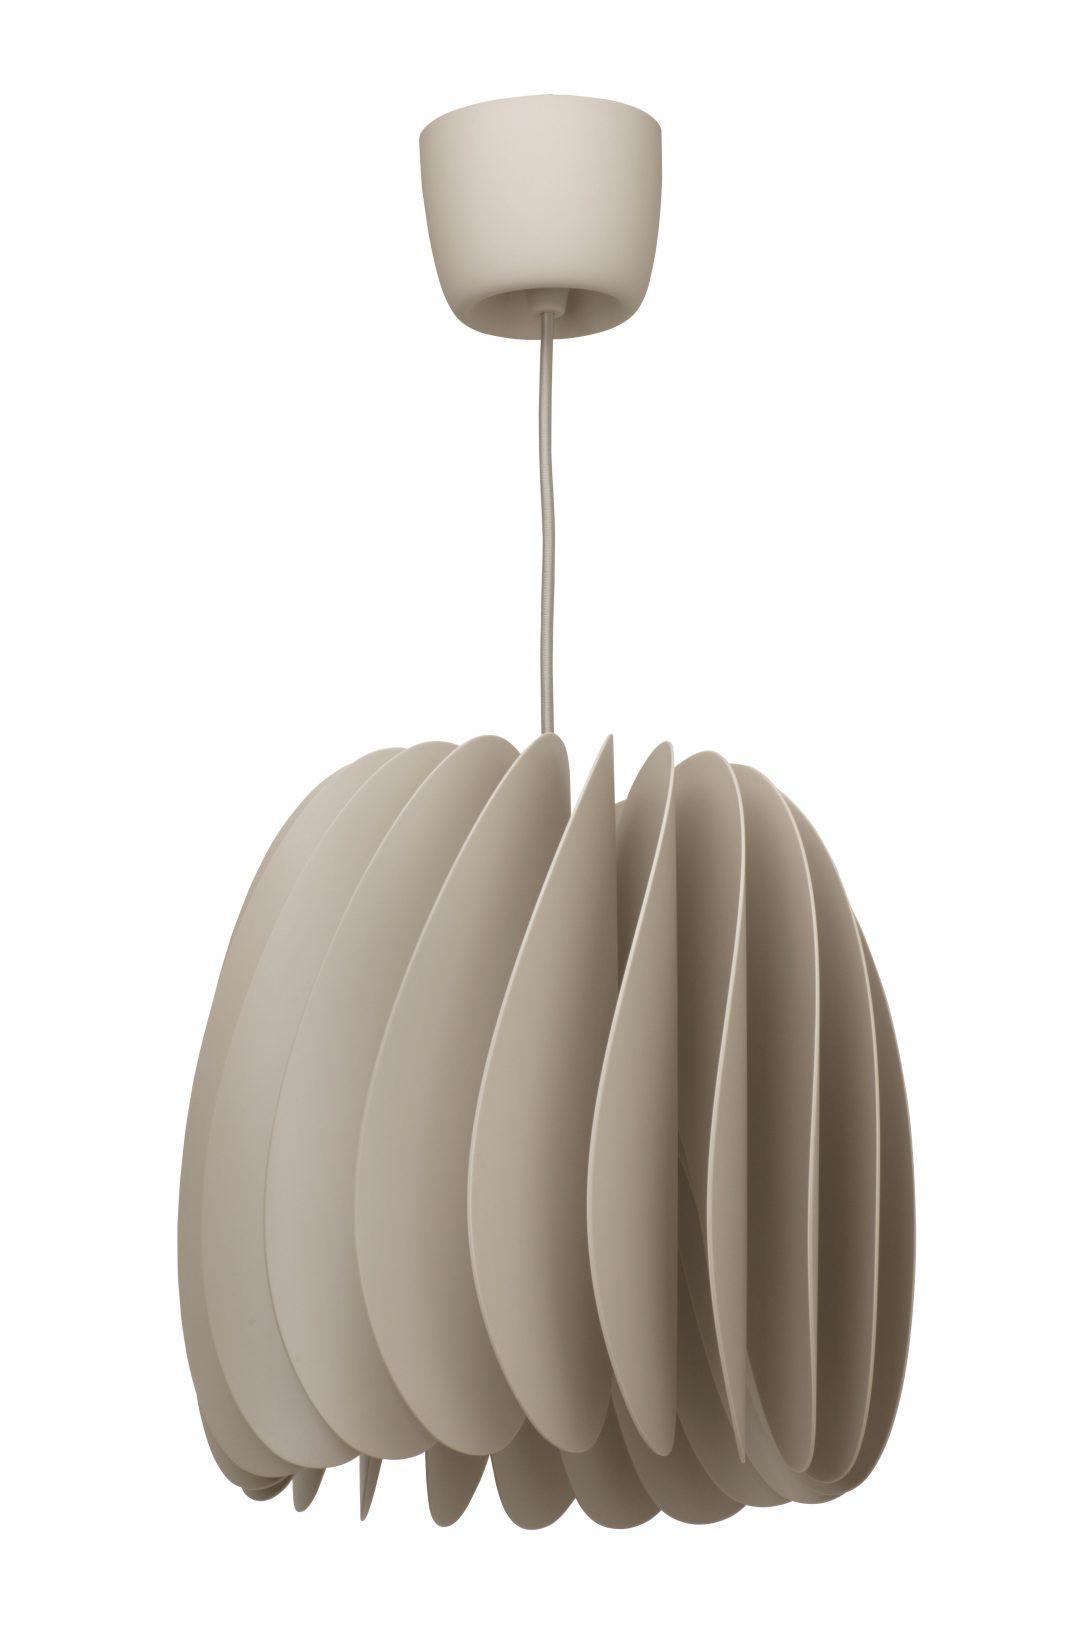 Large Size of Deckenlampe Ikea Skymningen Hngeleuchte Beige Deutschland In 2020 Esstisch Modulküche Sofa Mit Schlaffunktion Betten 160x200 Küche Wohnzimmer Deckenlampen Wohnzimmer Deckenlampe Ikea